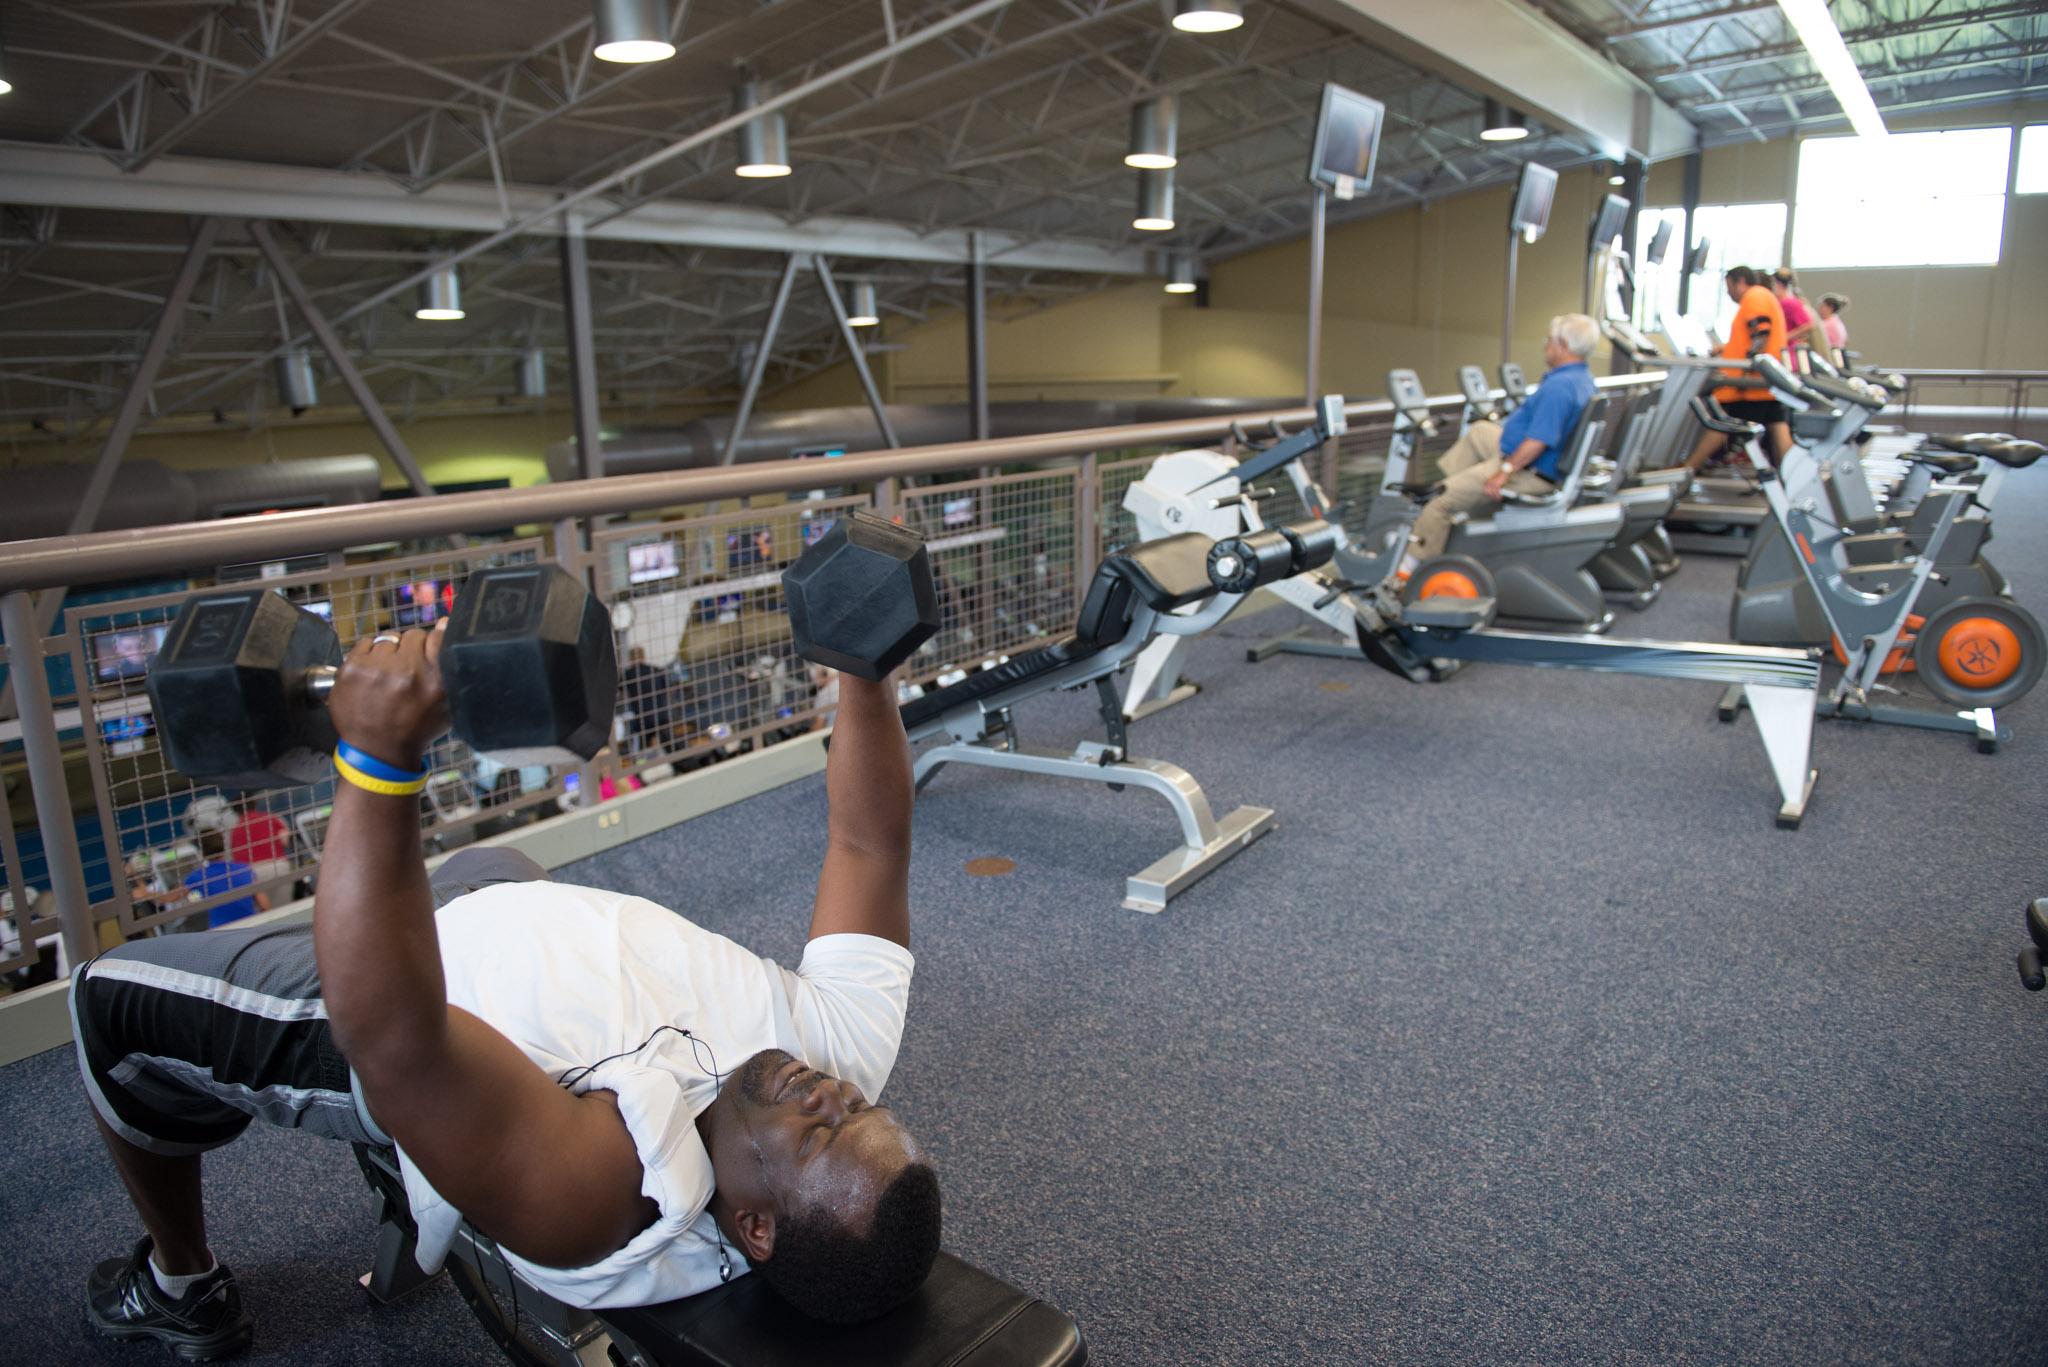 Wellness Center Stock Photos-1352.jpg